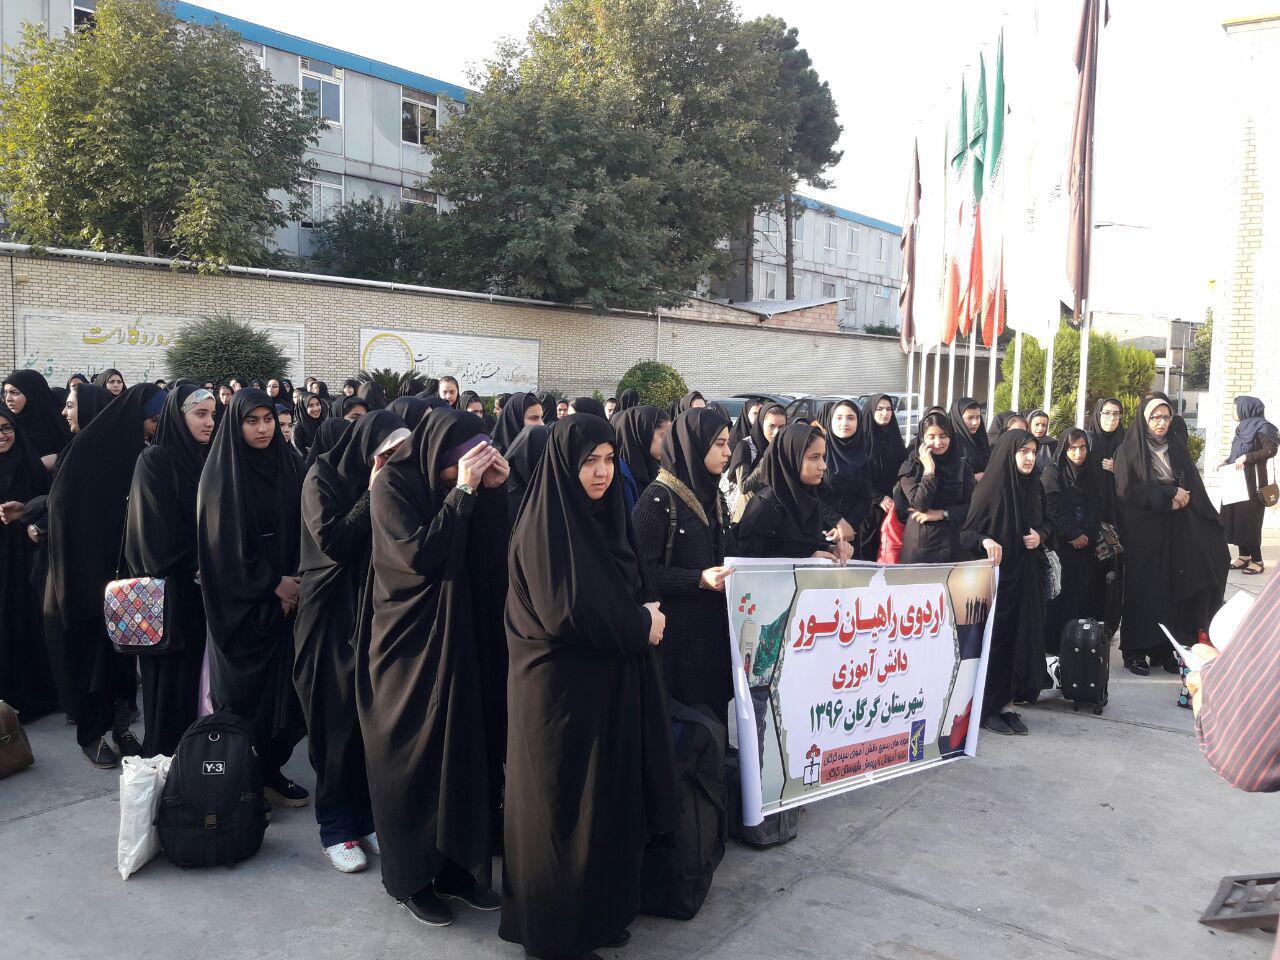 اعزام دختران دبیرستانی گرگان به مناطق عملیاتی غرب کشور